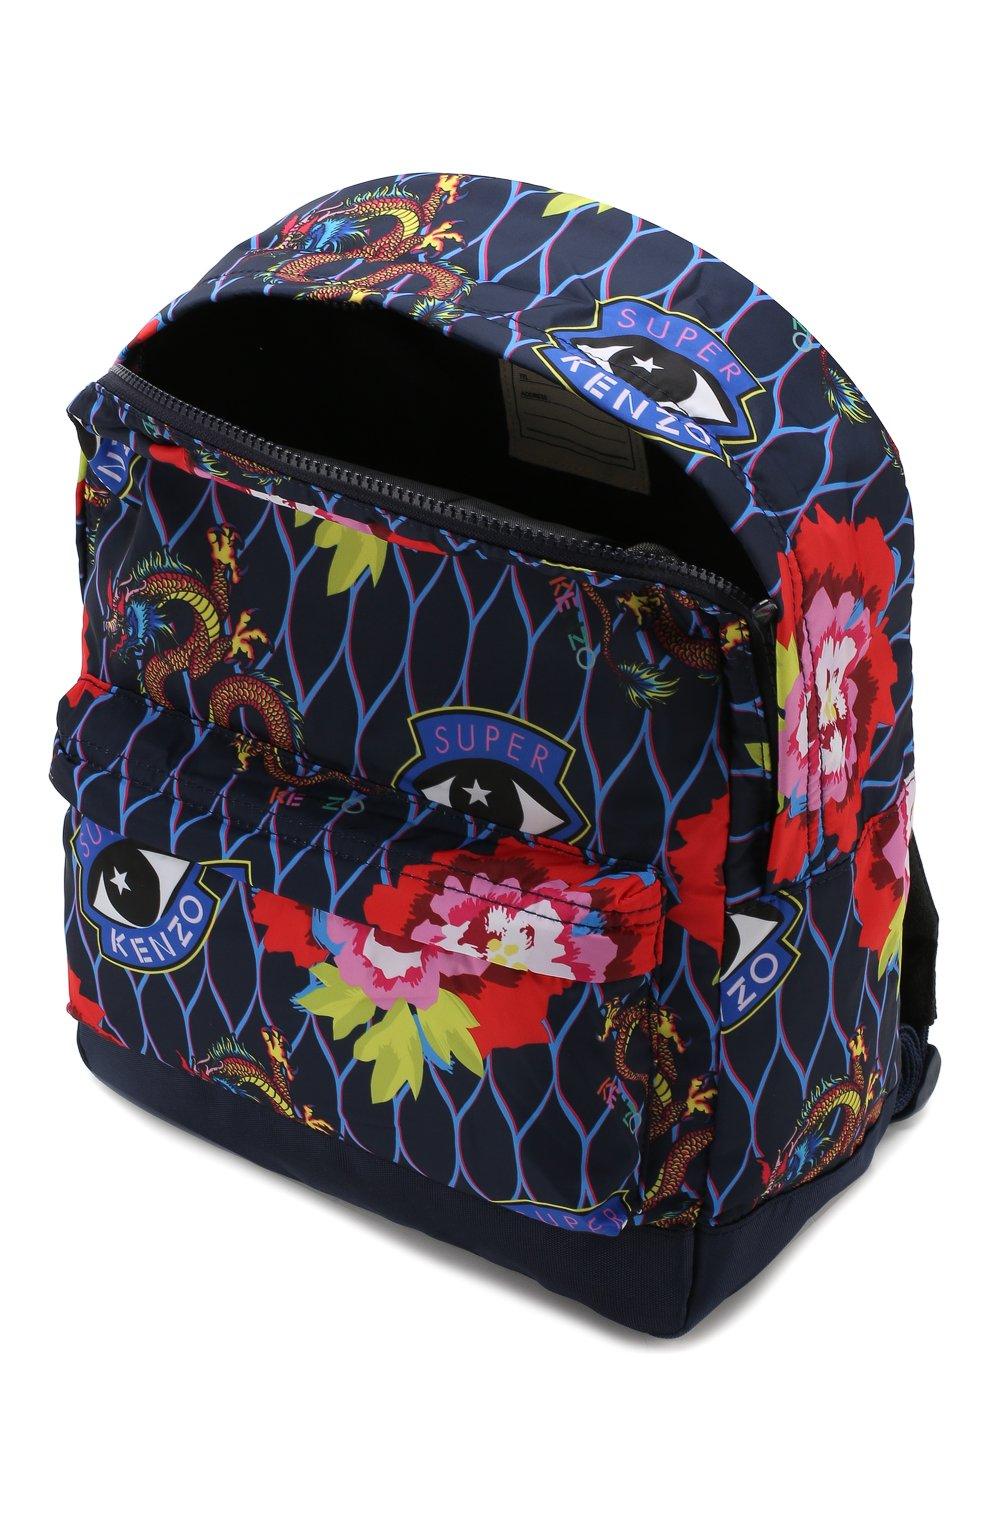 Детская рюкзак KENZO разноцветного цвета, арт. KP95018 | Фото 3